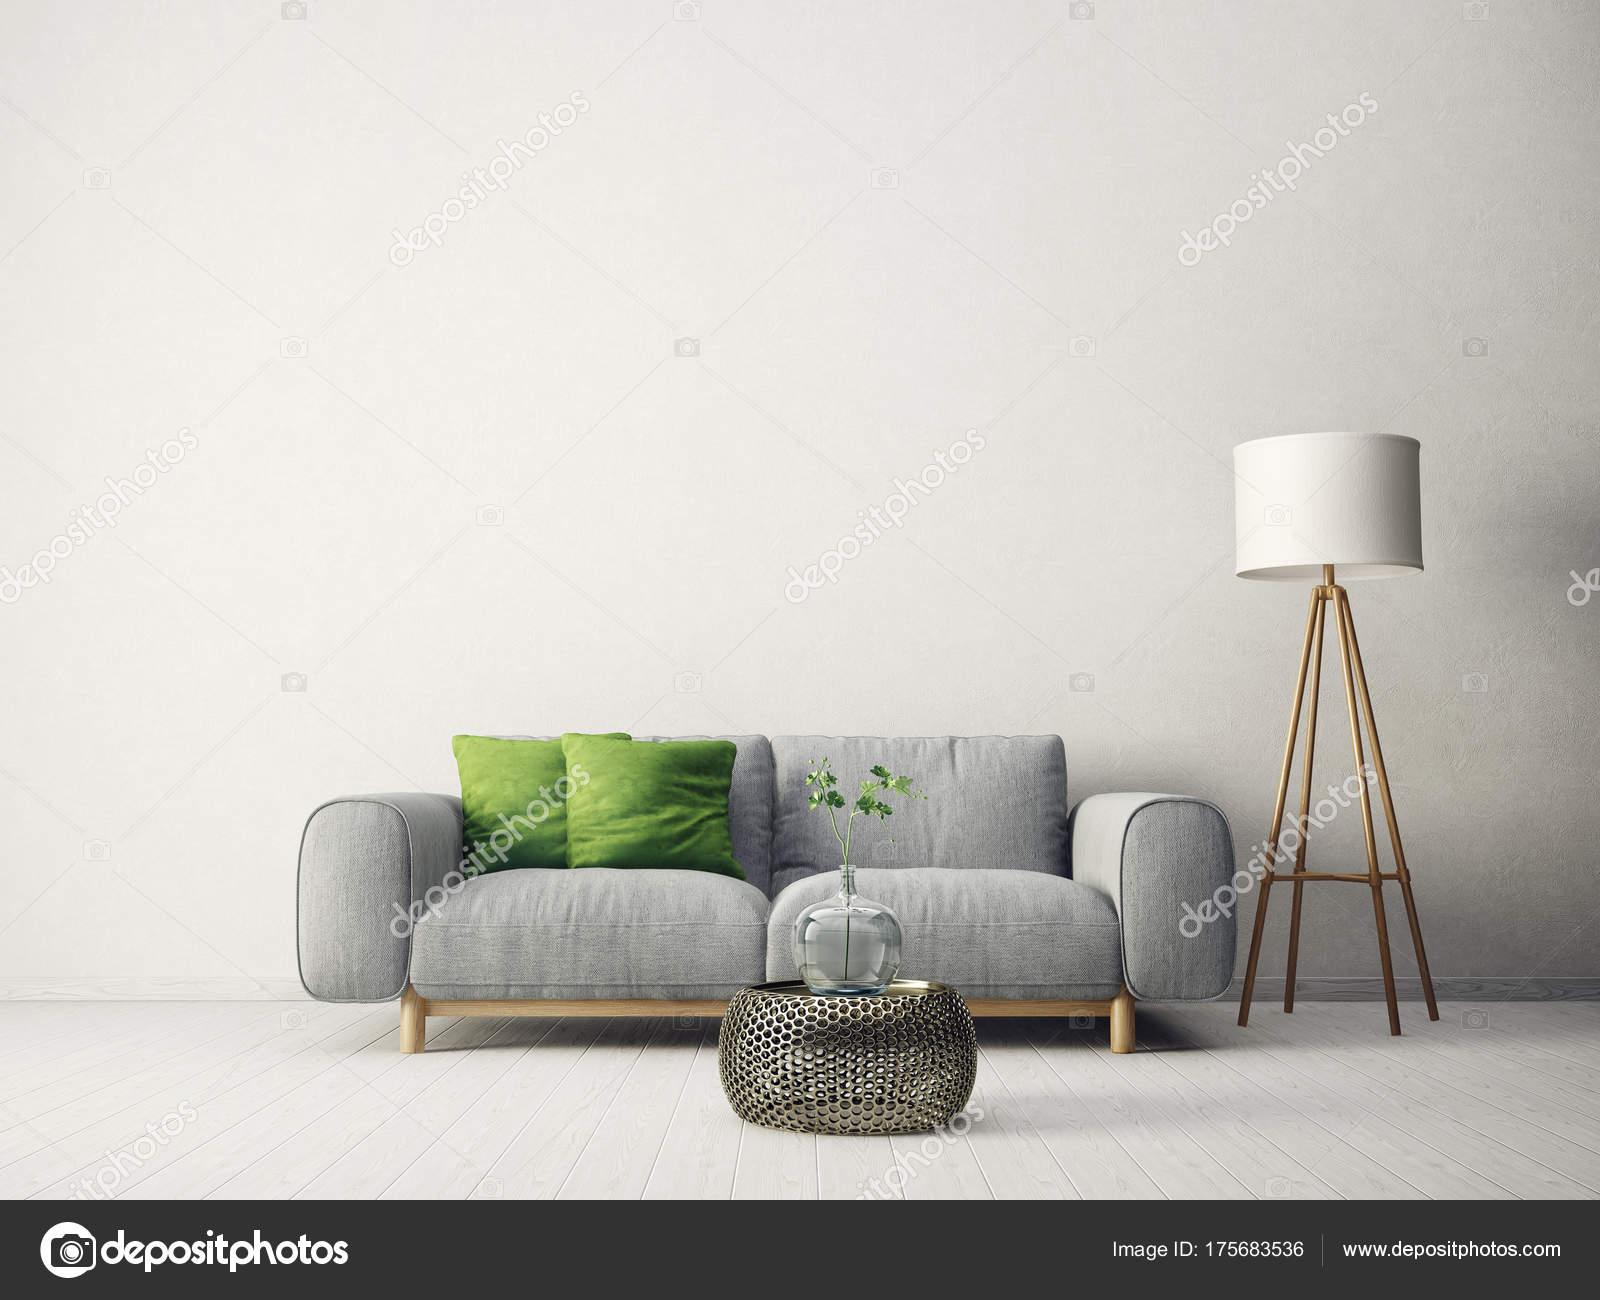 Modern Living Room Sofa Green Pillow Lamp Scandinavian Interior ...